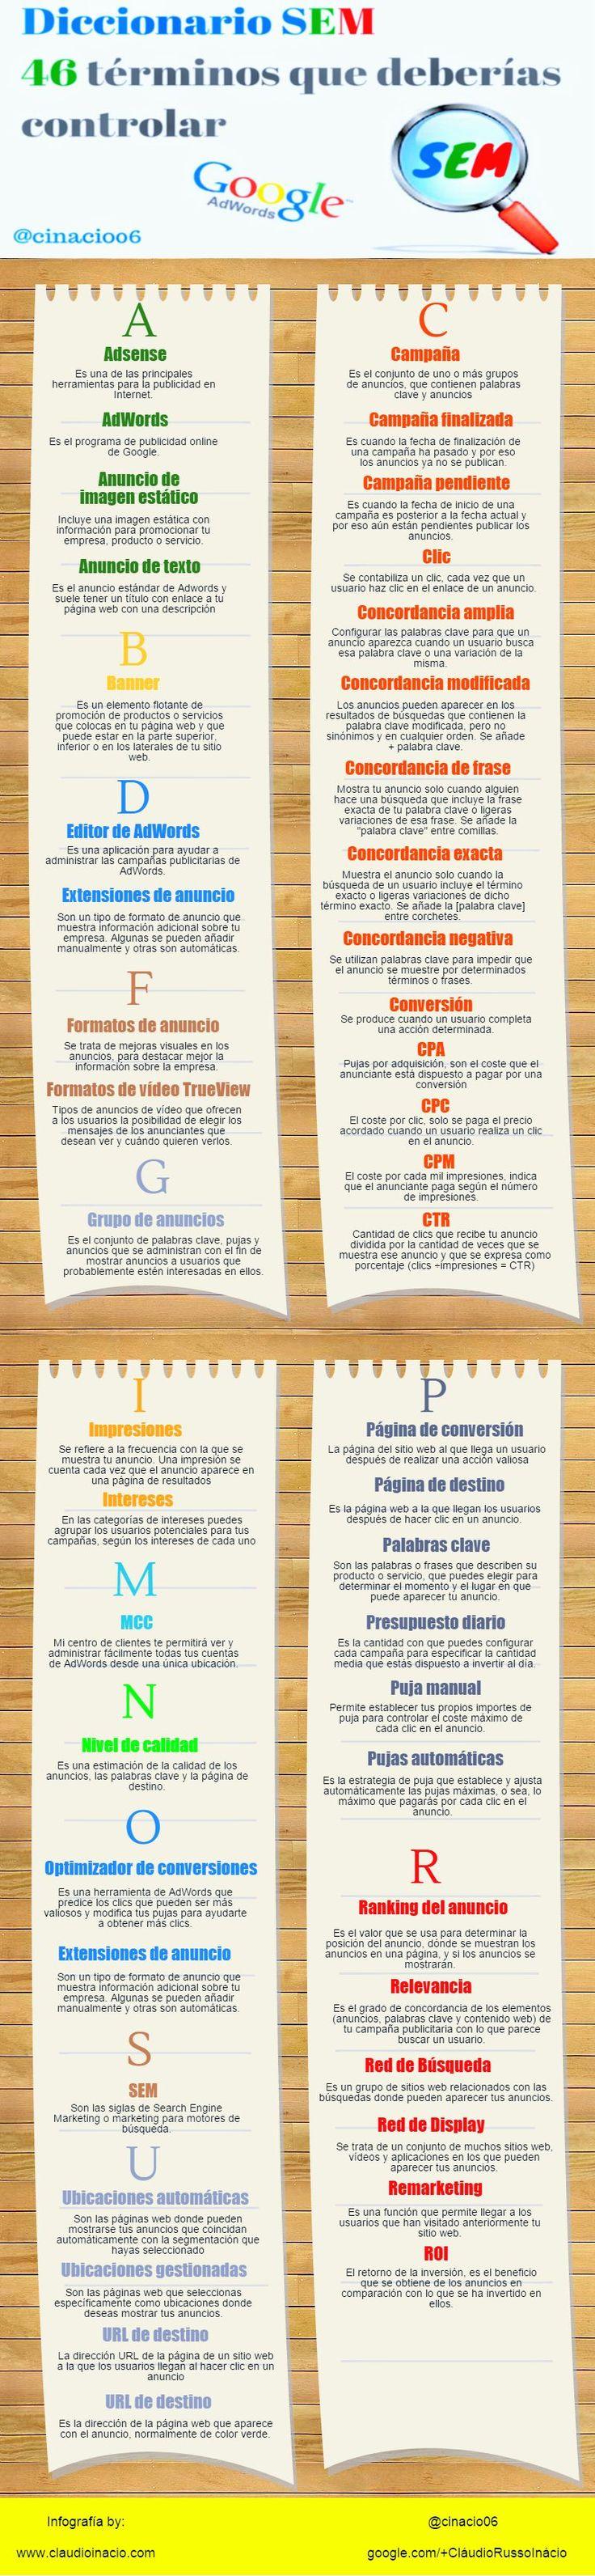 Un diccionario SEM, en formato de infografía, con todos los términos que debemos conocer en relación a la mercadotecnia en internet.